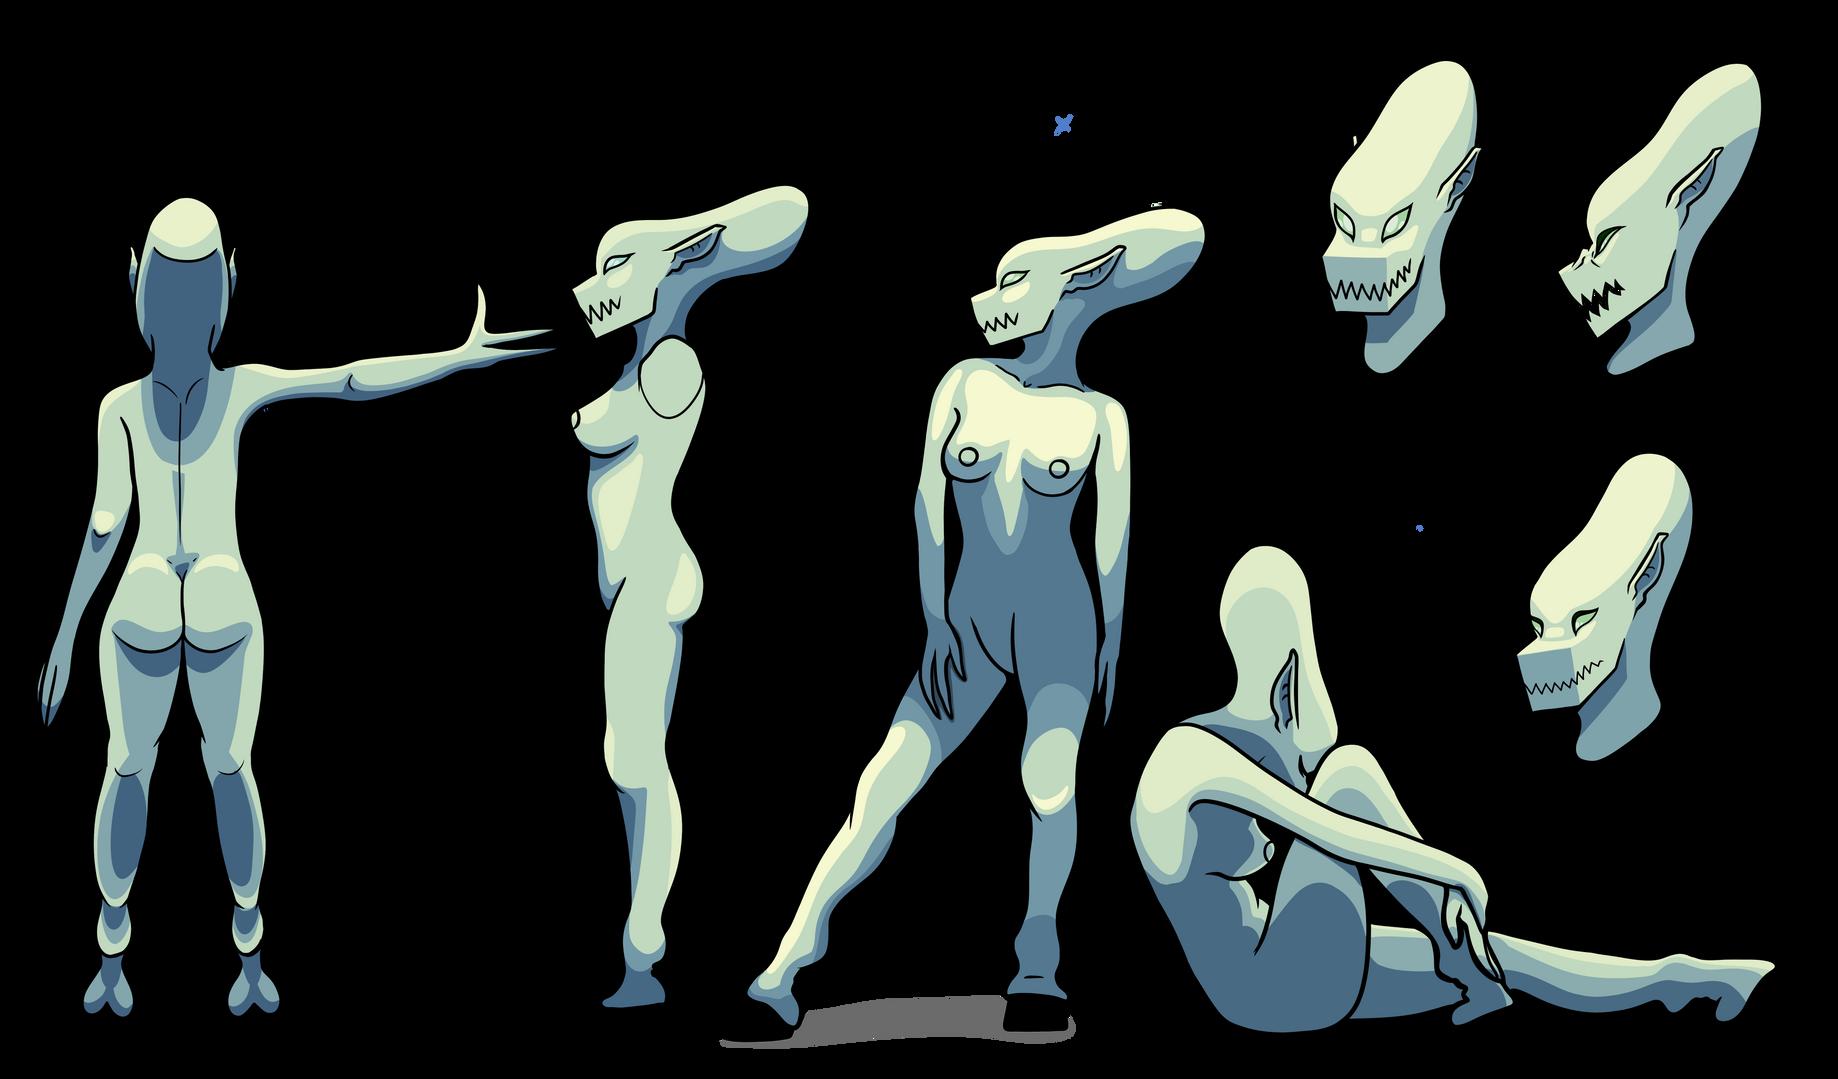 Alien girl Character Design #2